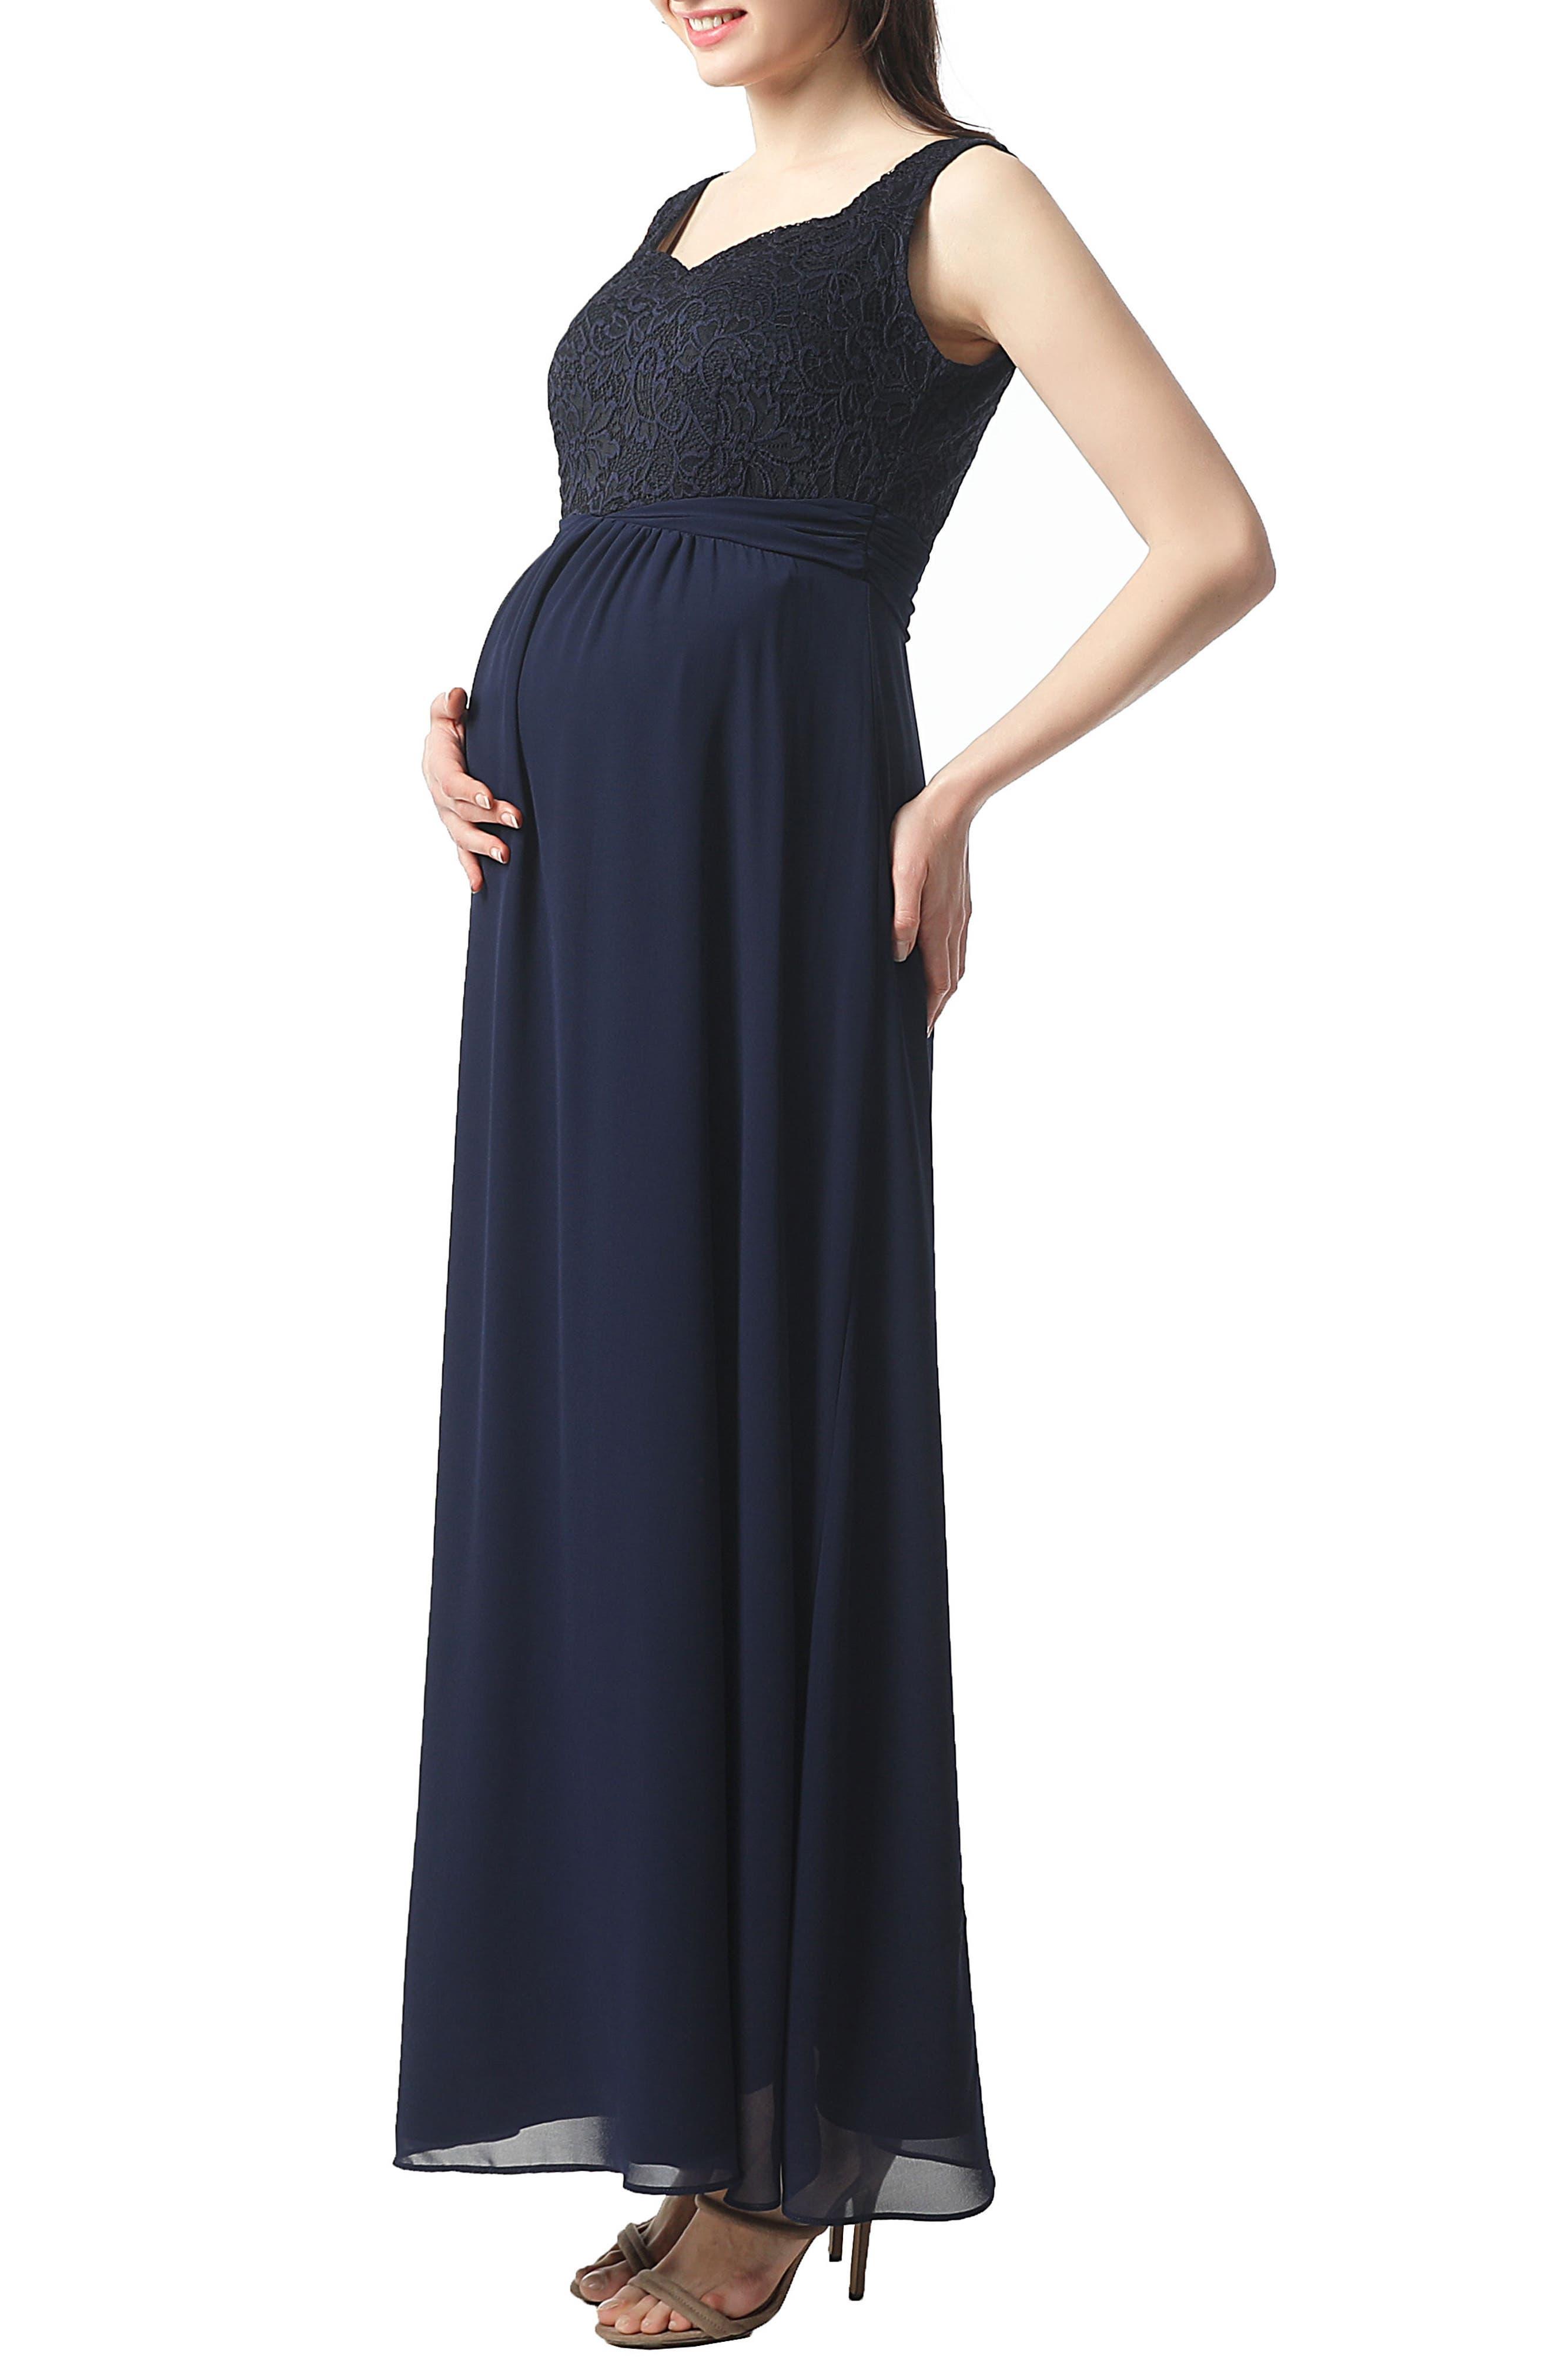 Kyra Maternity Maxi Dress,                             Alternate thumbnail 3, color,                             NAVY